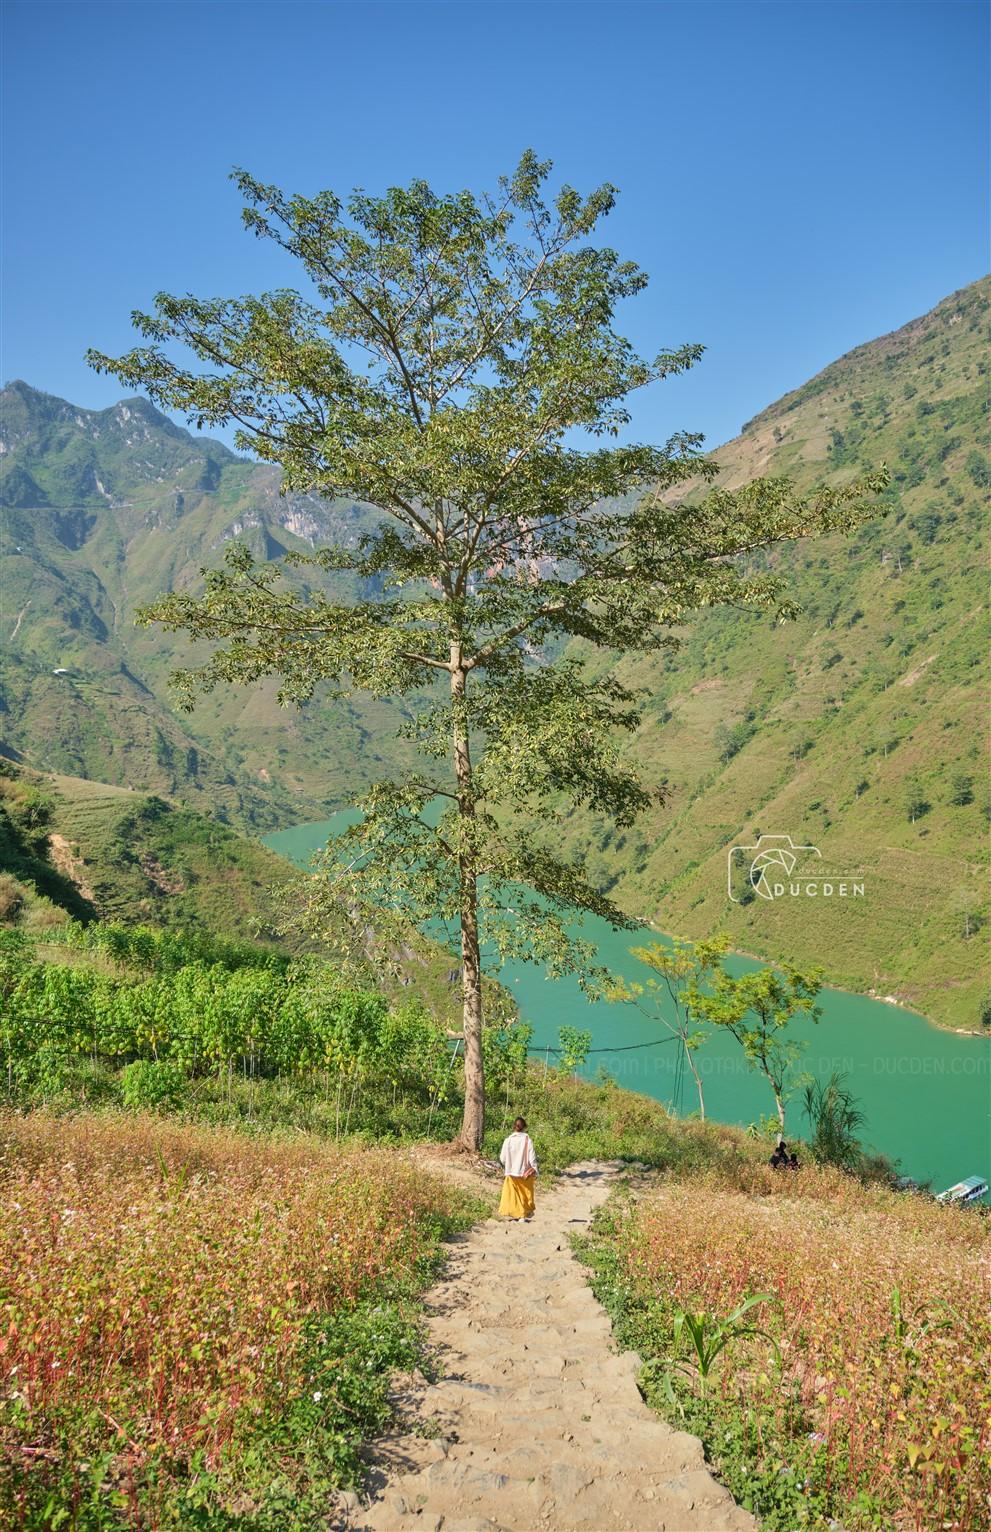 Đường xuống bến thuyền sông Nho Quế vừa xa vừa dốc, lúc leo lên thì có mà bò lên nhé. Được cái cảnh mùa tam giác mạch hoa mọc ven đường cực đẹp